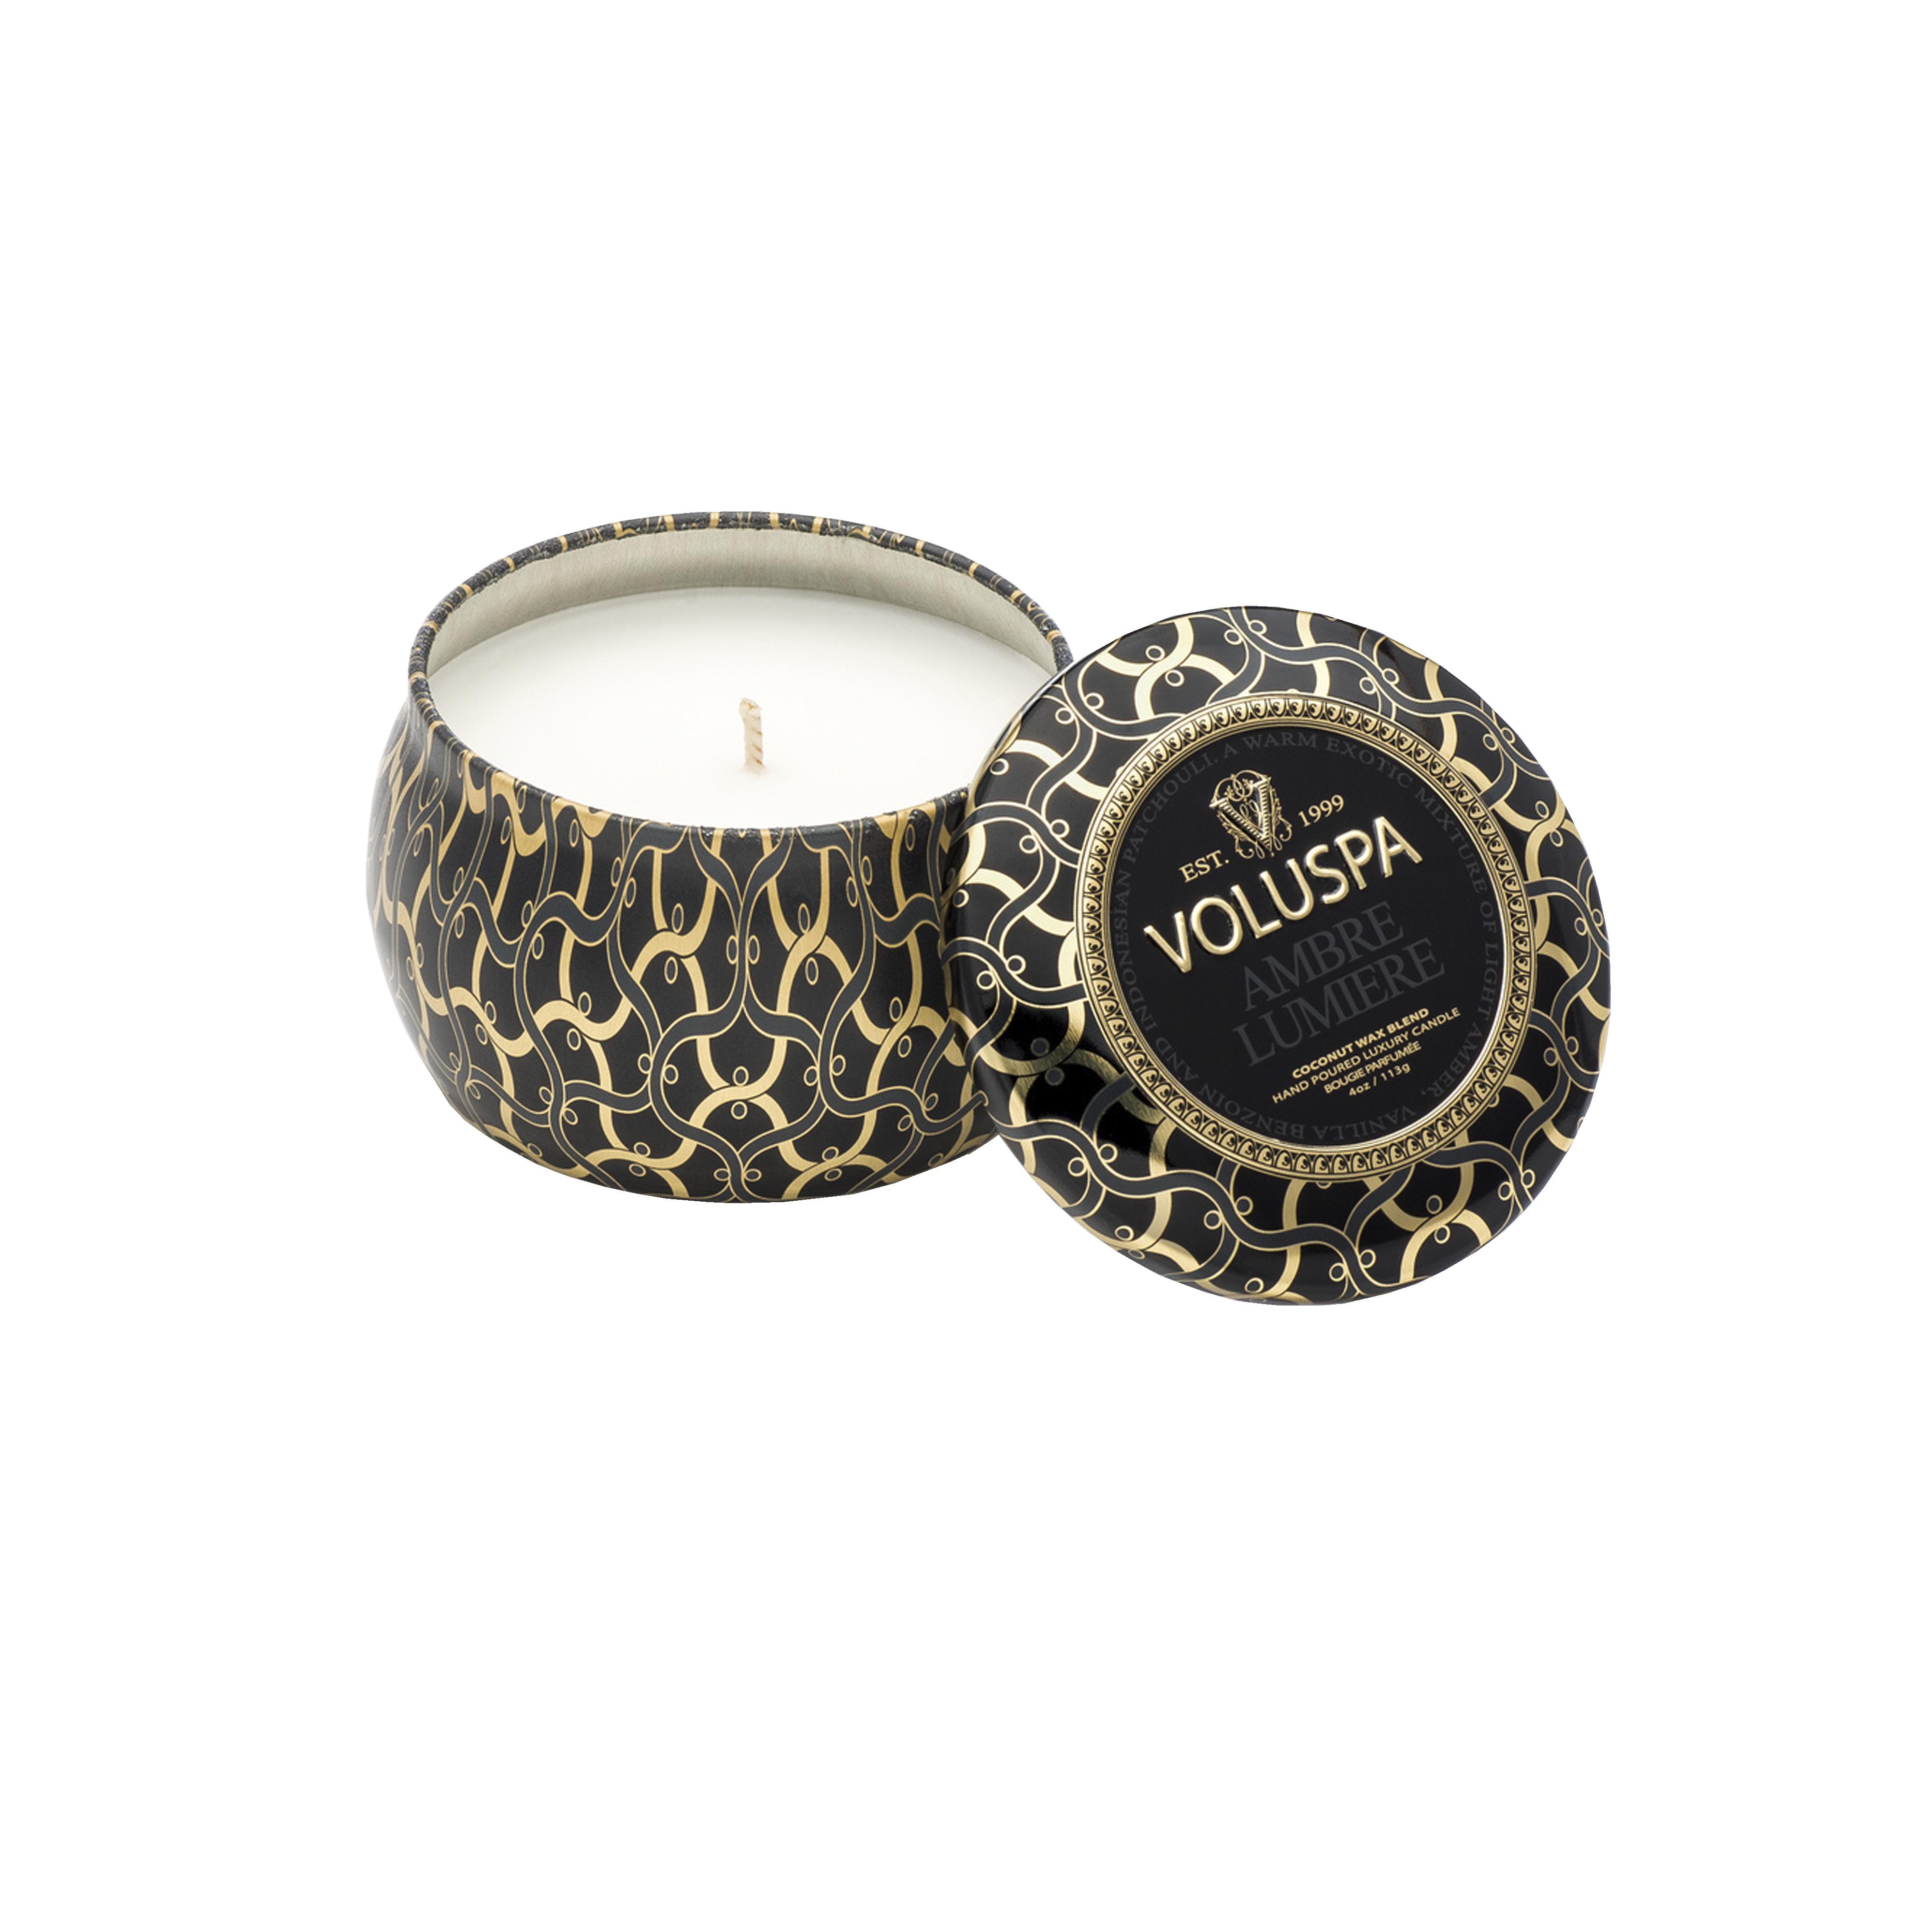 Ambre Lumiere Decorative Minitin Scented Candle